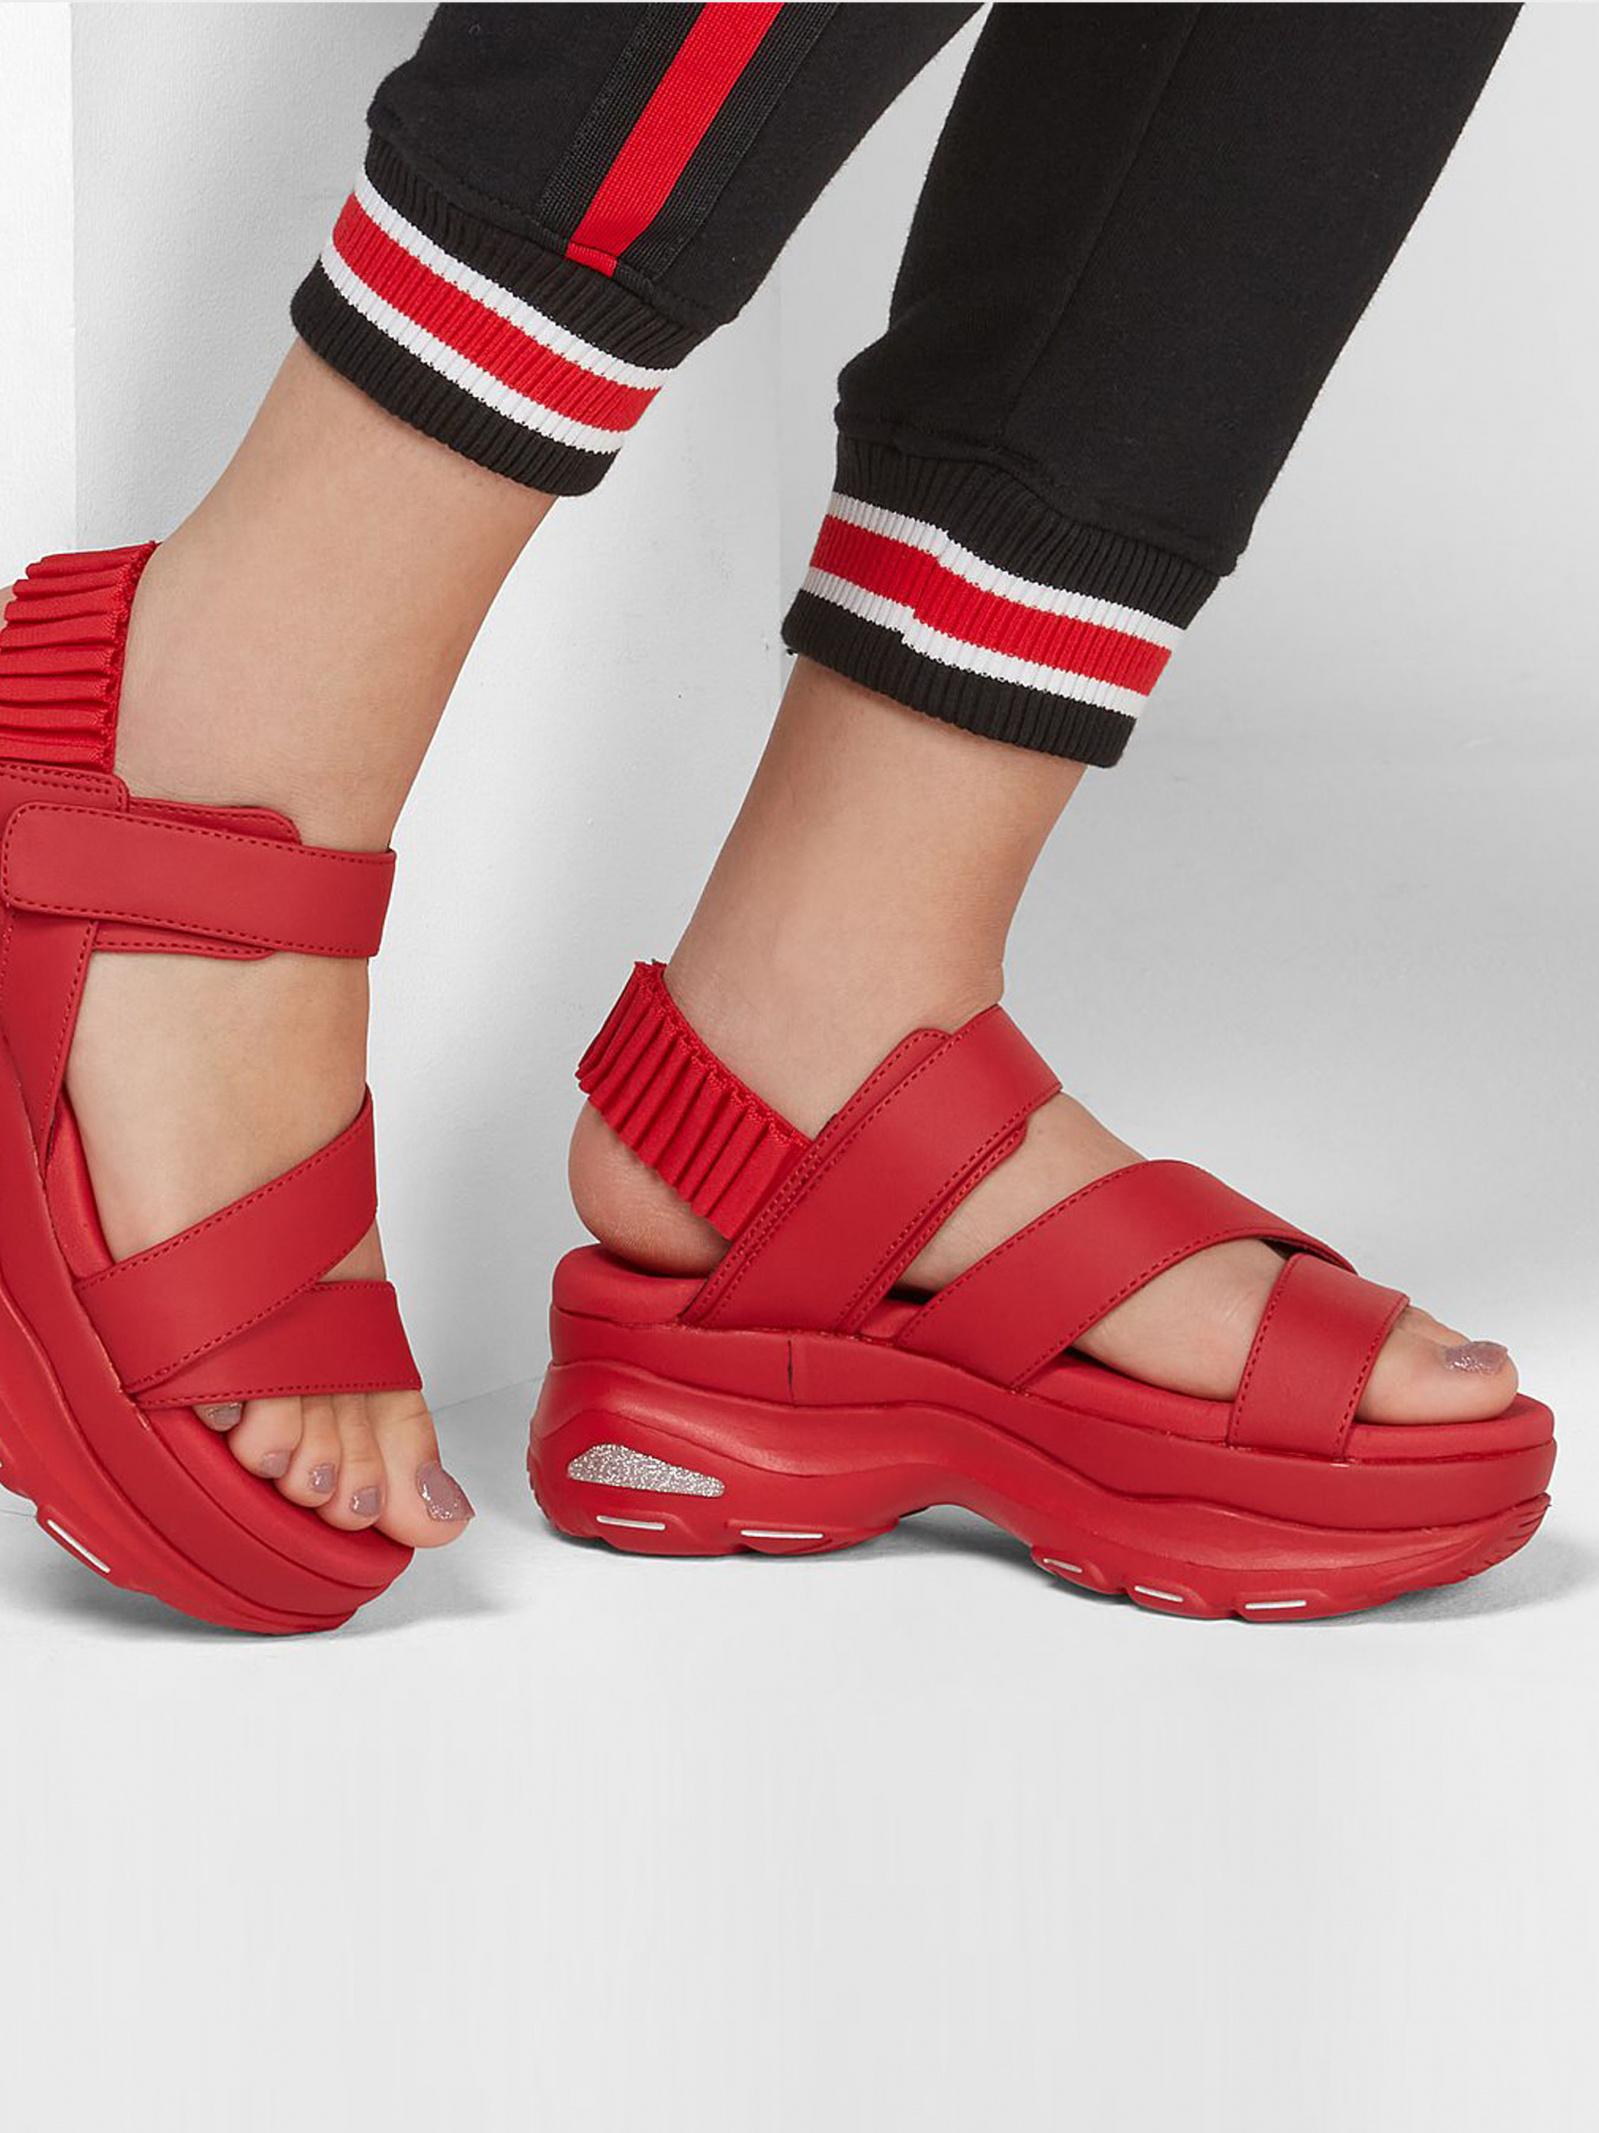 Сандалі  для жінок Skechers Cali 119110 RED купити в Iнтертоп, 2017